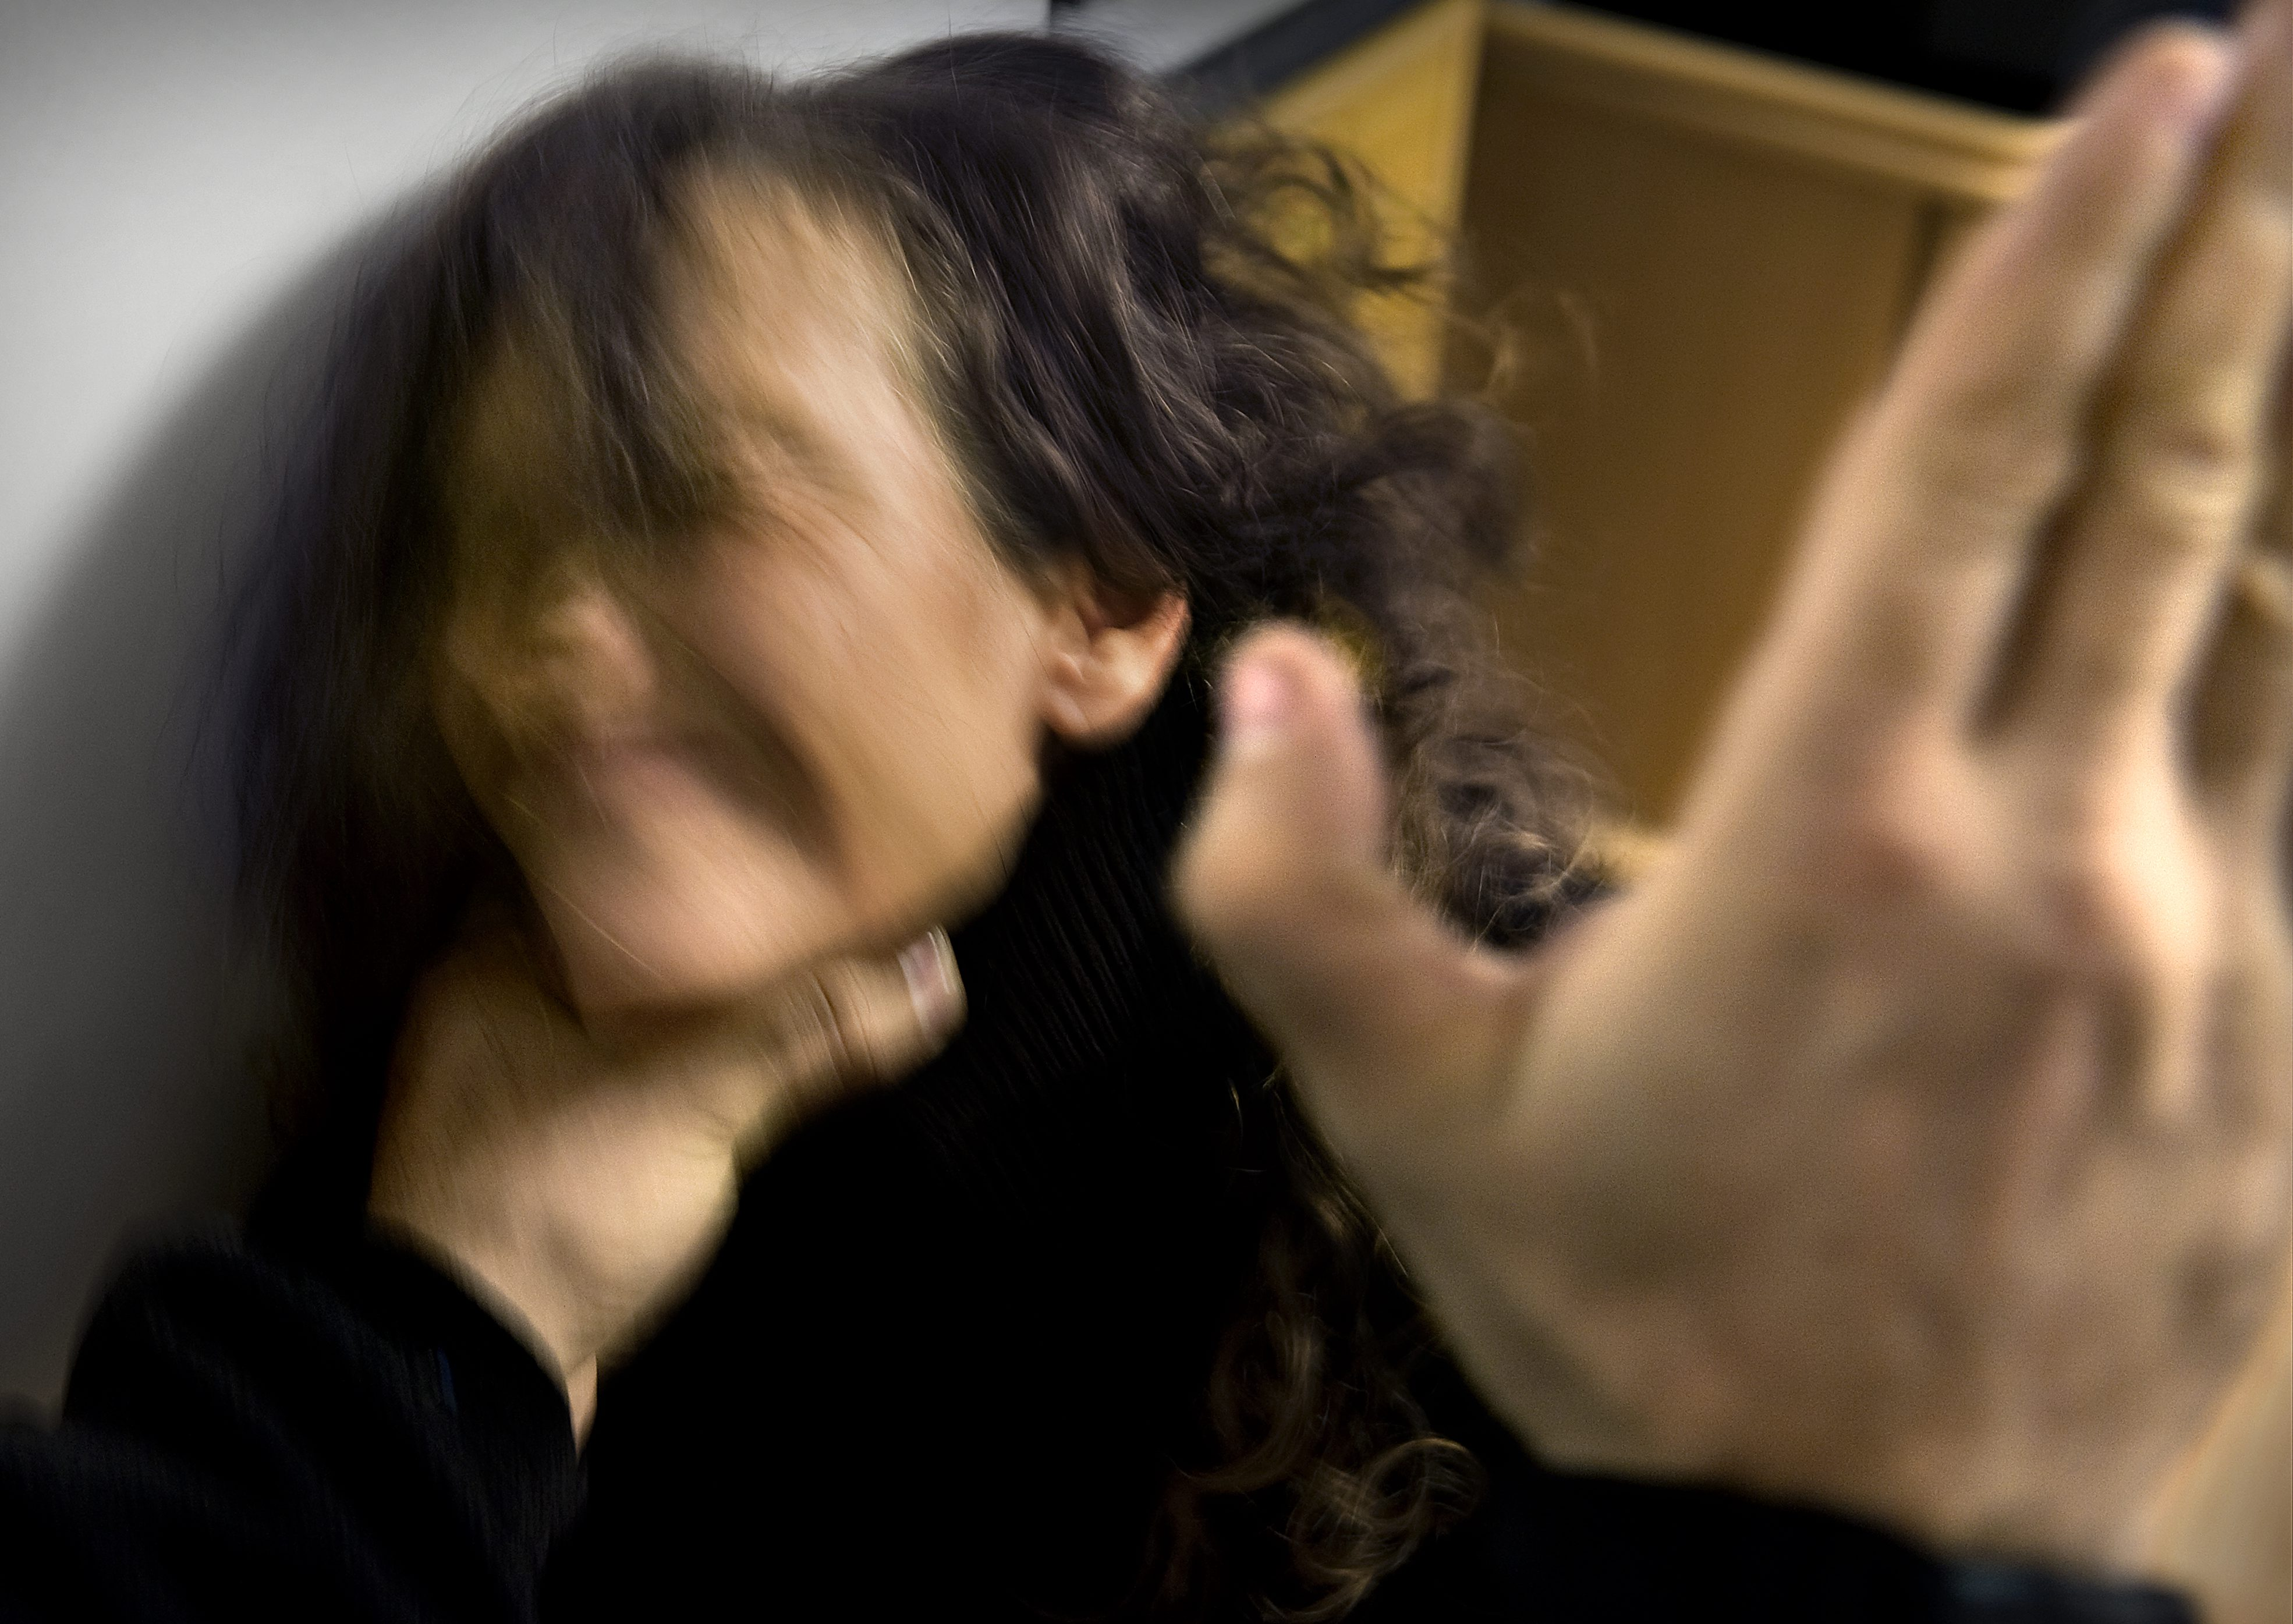 Om mamma misshandlas ar barnet ett brottsoffer